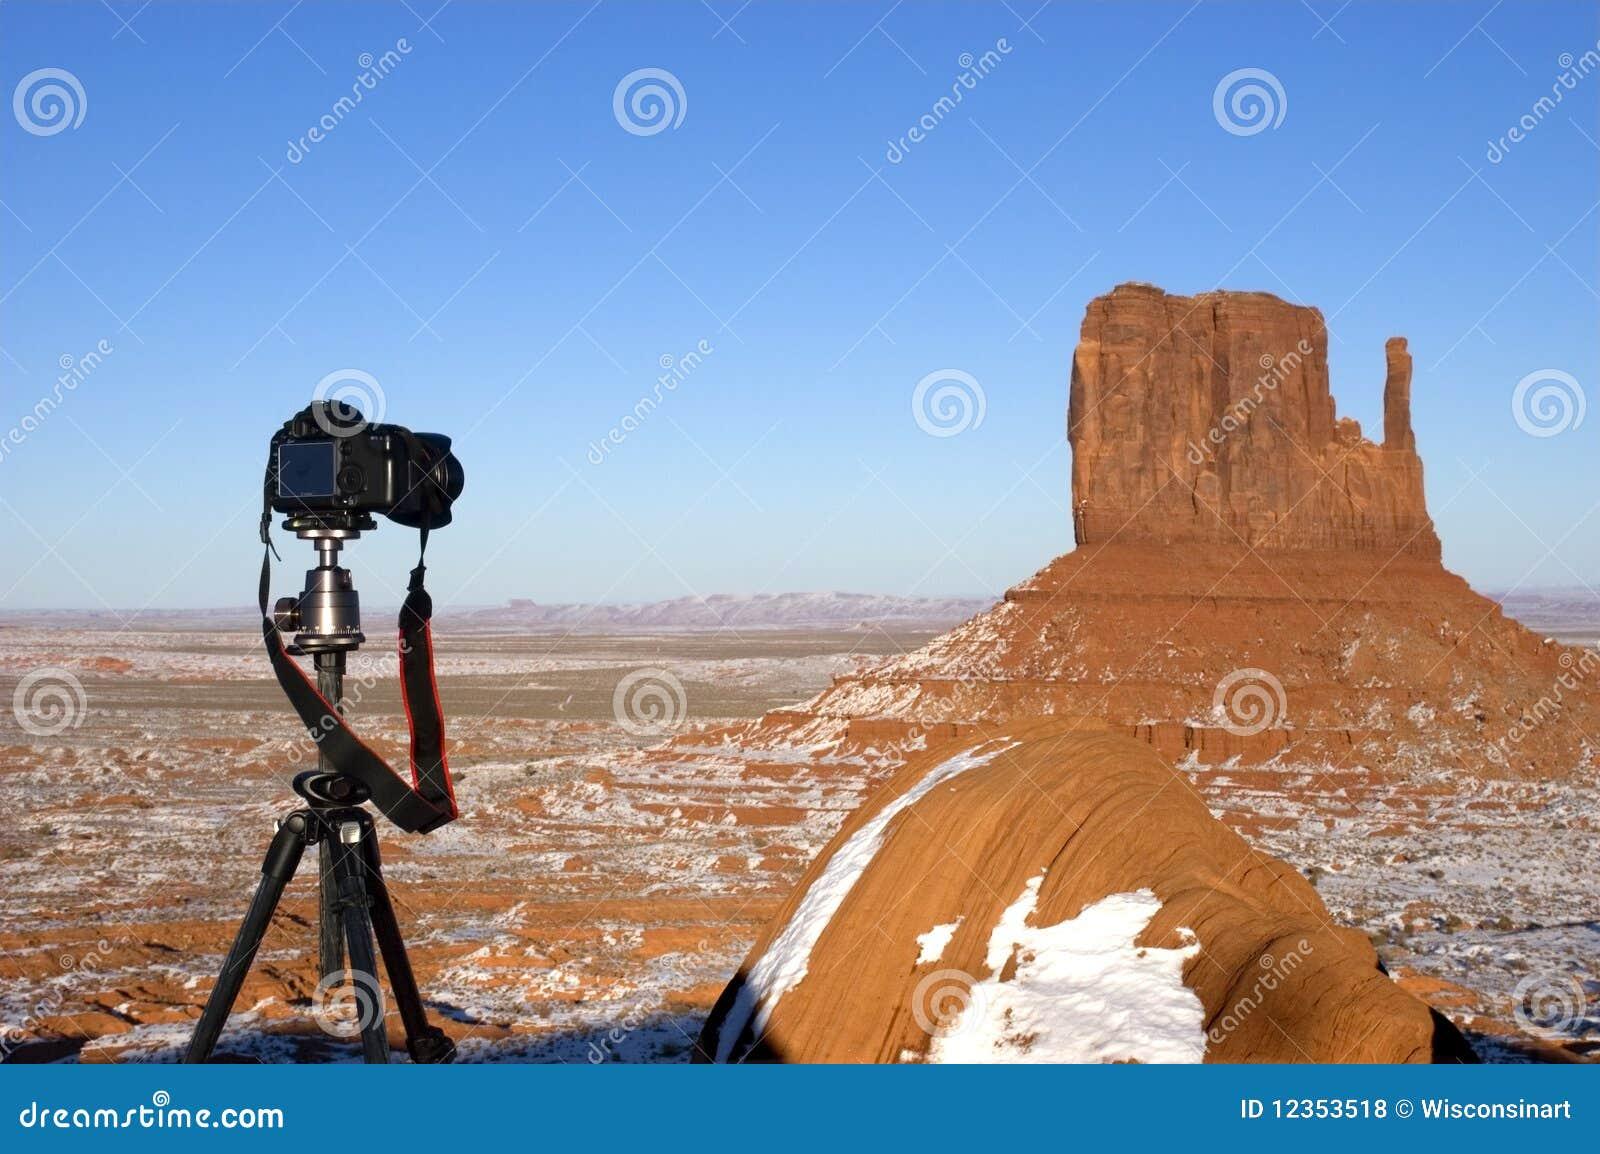 Fotografía del paisaje y del recorrido, manía, pasión